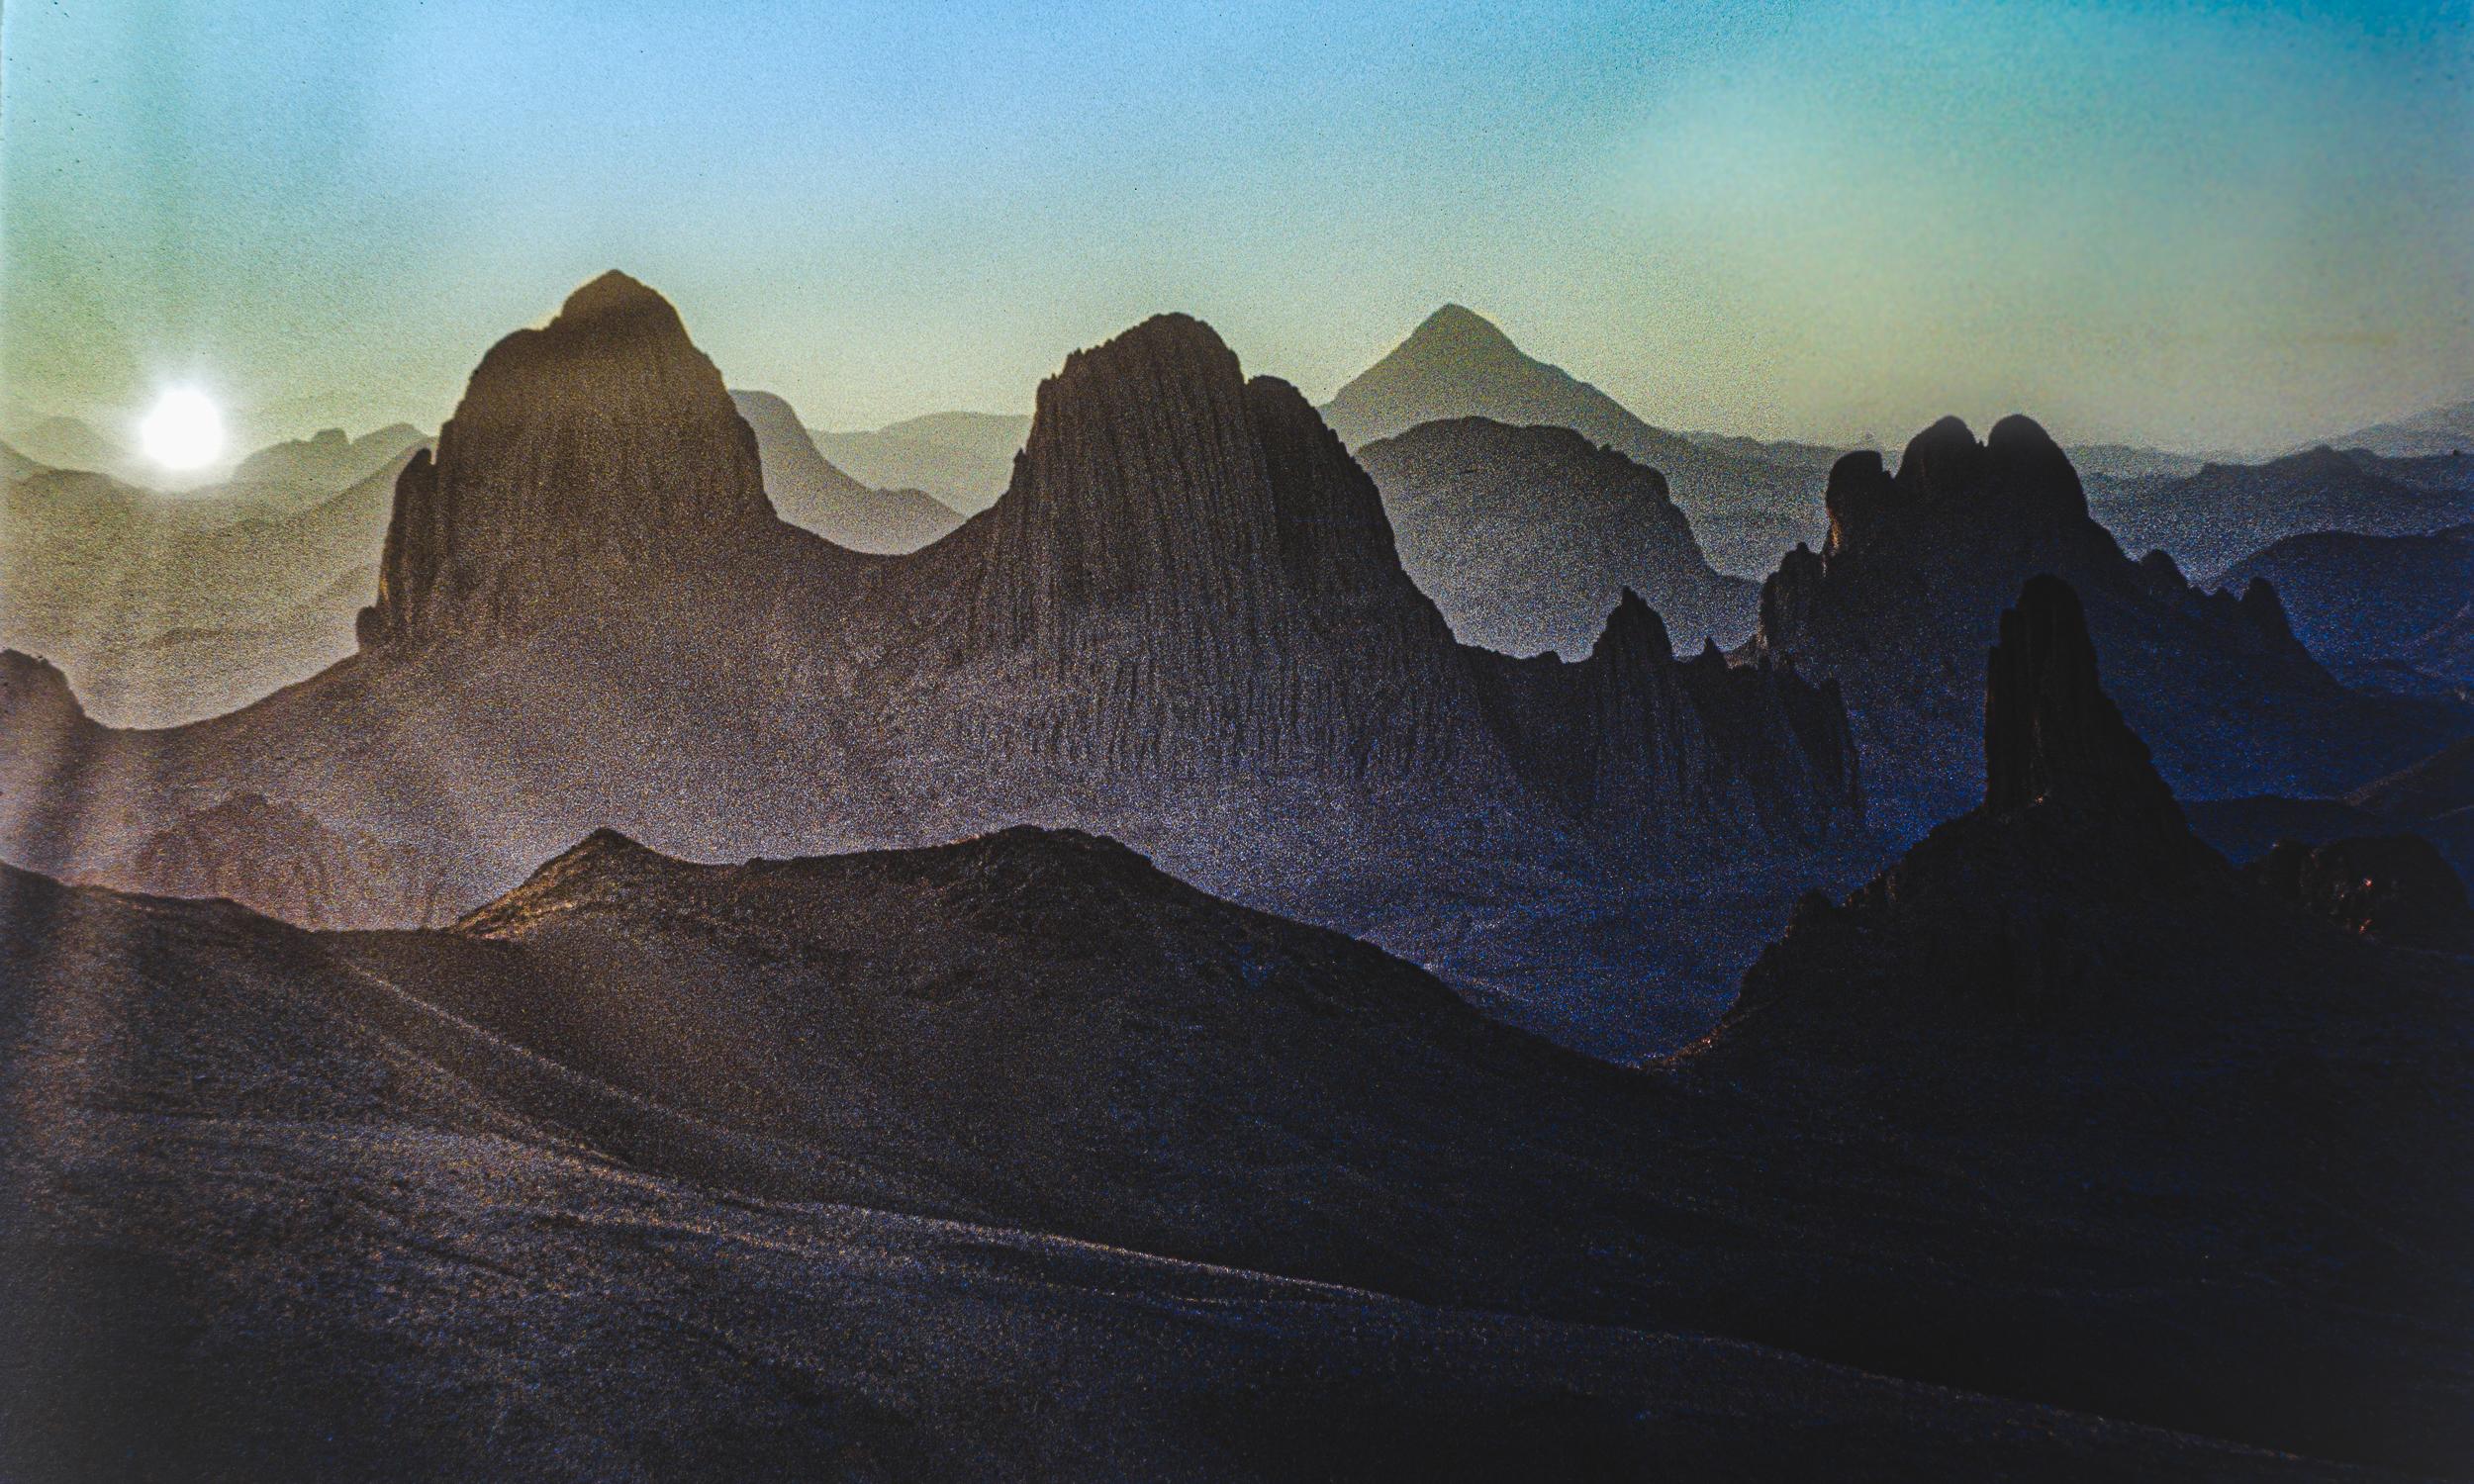 Massif de l'Assekrem, Hoggar-CC BY-NC Jacques BOUBY